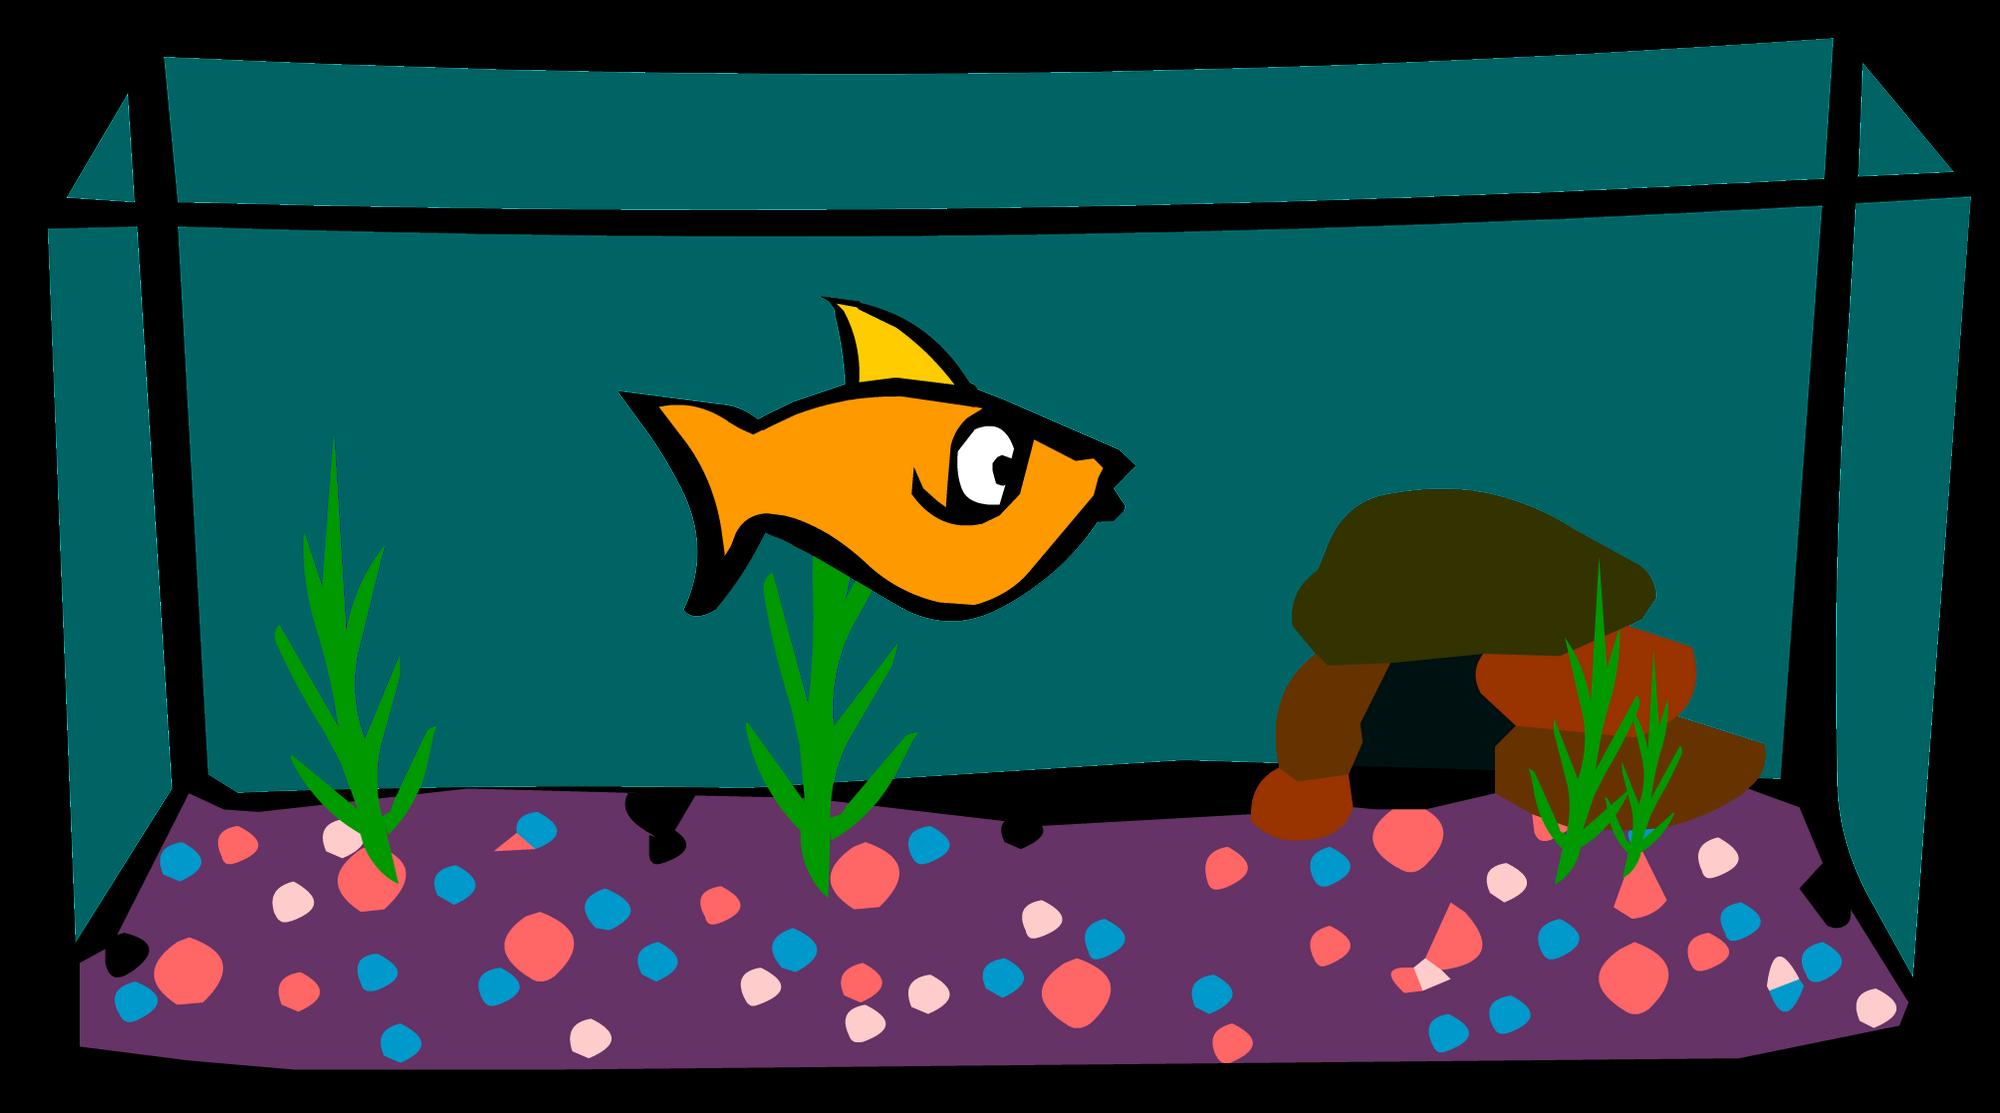 Fish aquarium wiki - Fish Aquarium Wiki